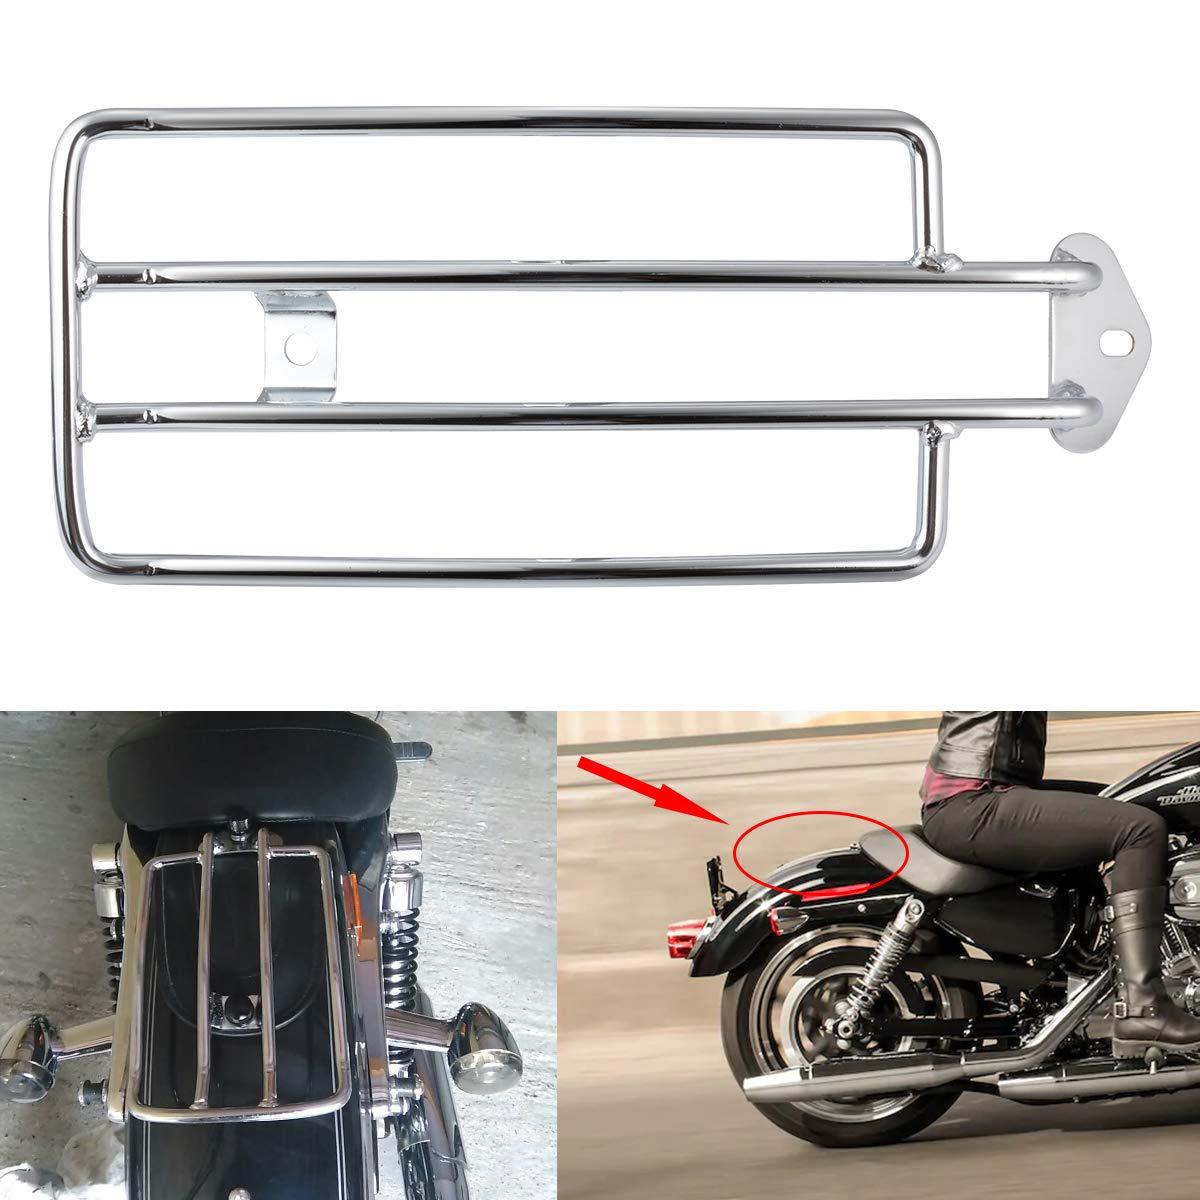 2003 TUINCYN Support de Porte-Bagages pour Moto pour si/ège arri/ère Solo Argent/é Compatible avec Harley Davidson XL Sportster 1985